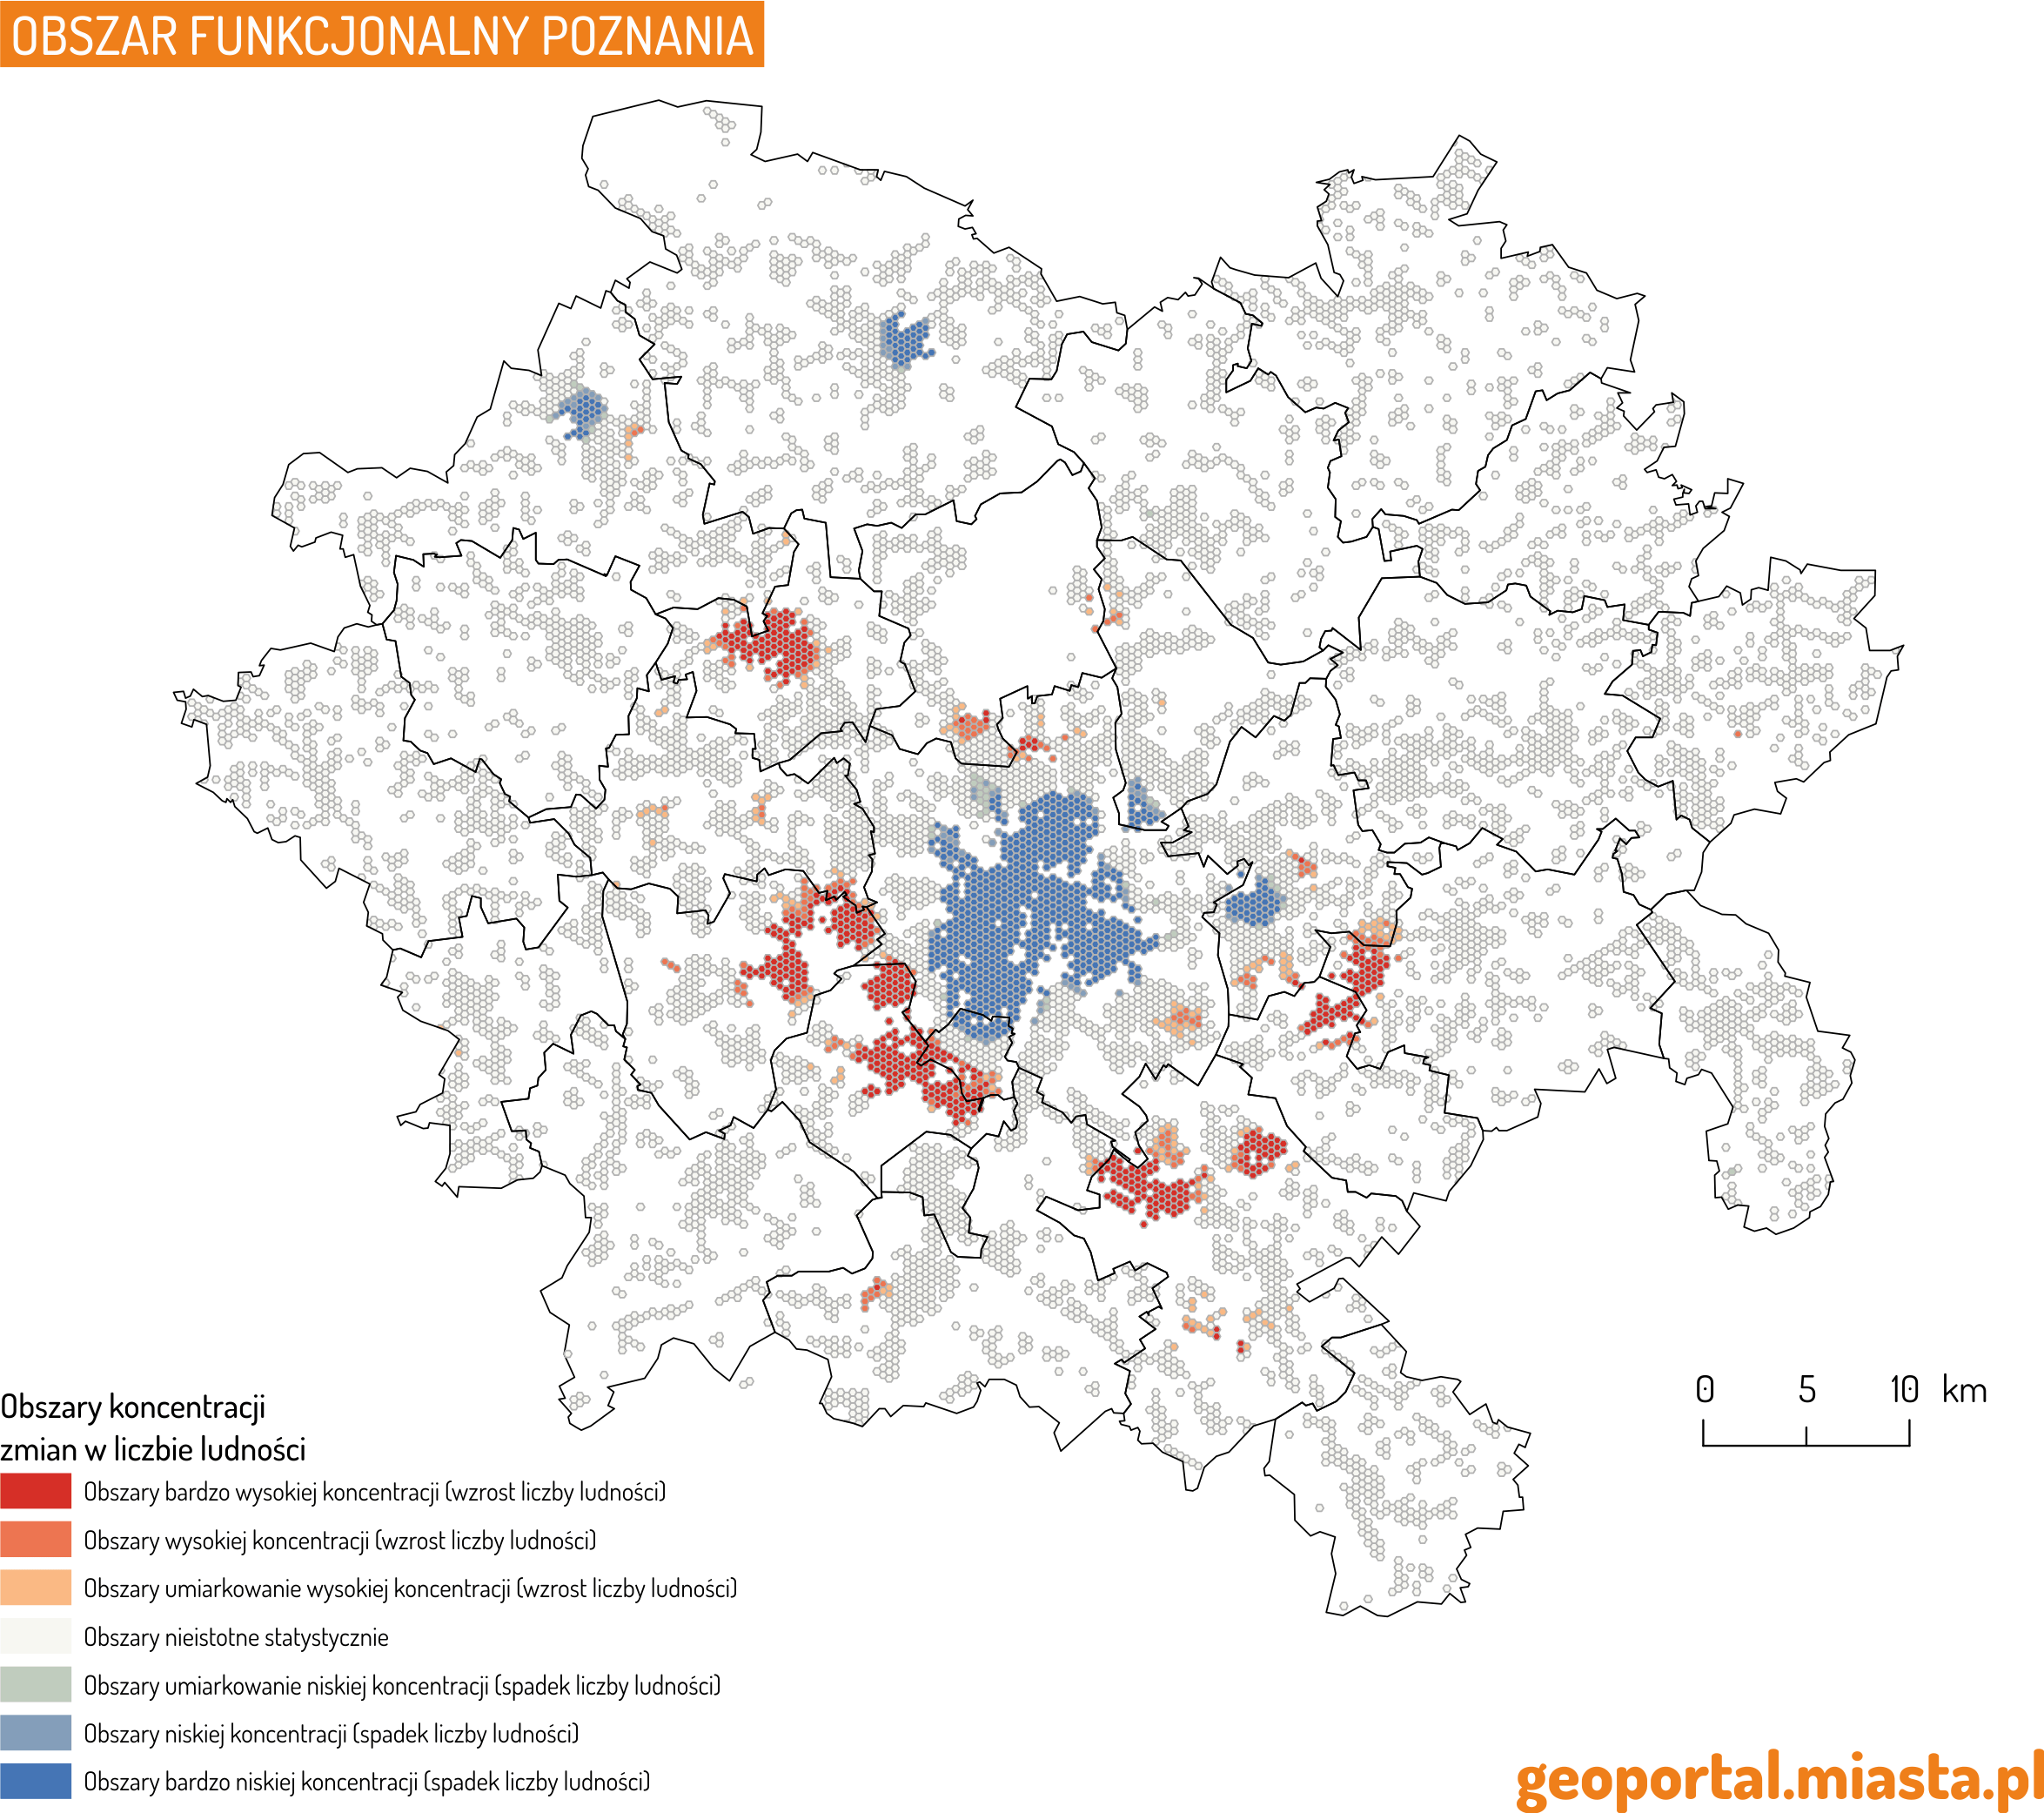 Poznań-zmiana liczby ludnosci - aglomeracja -mof -mapa (2)